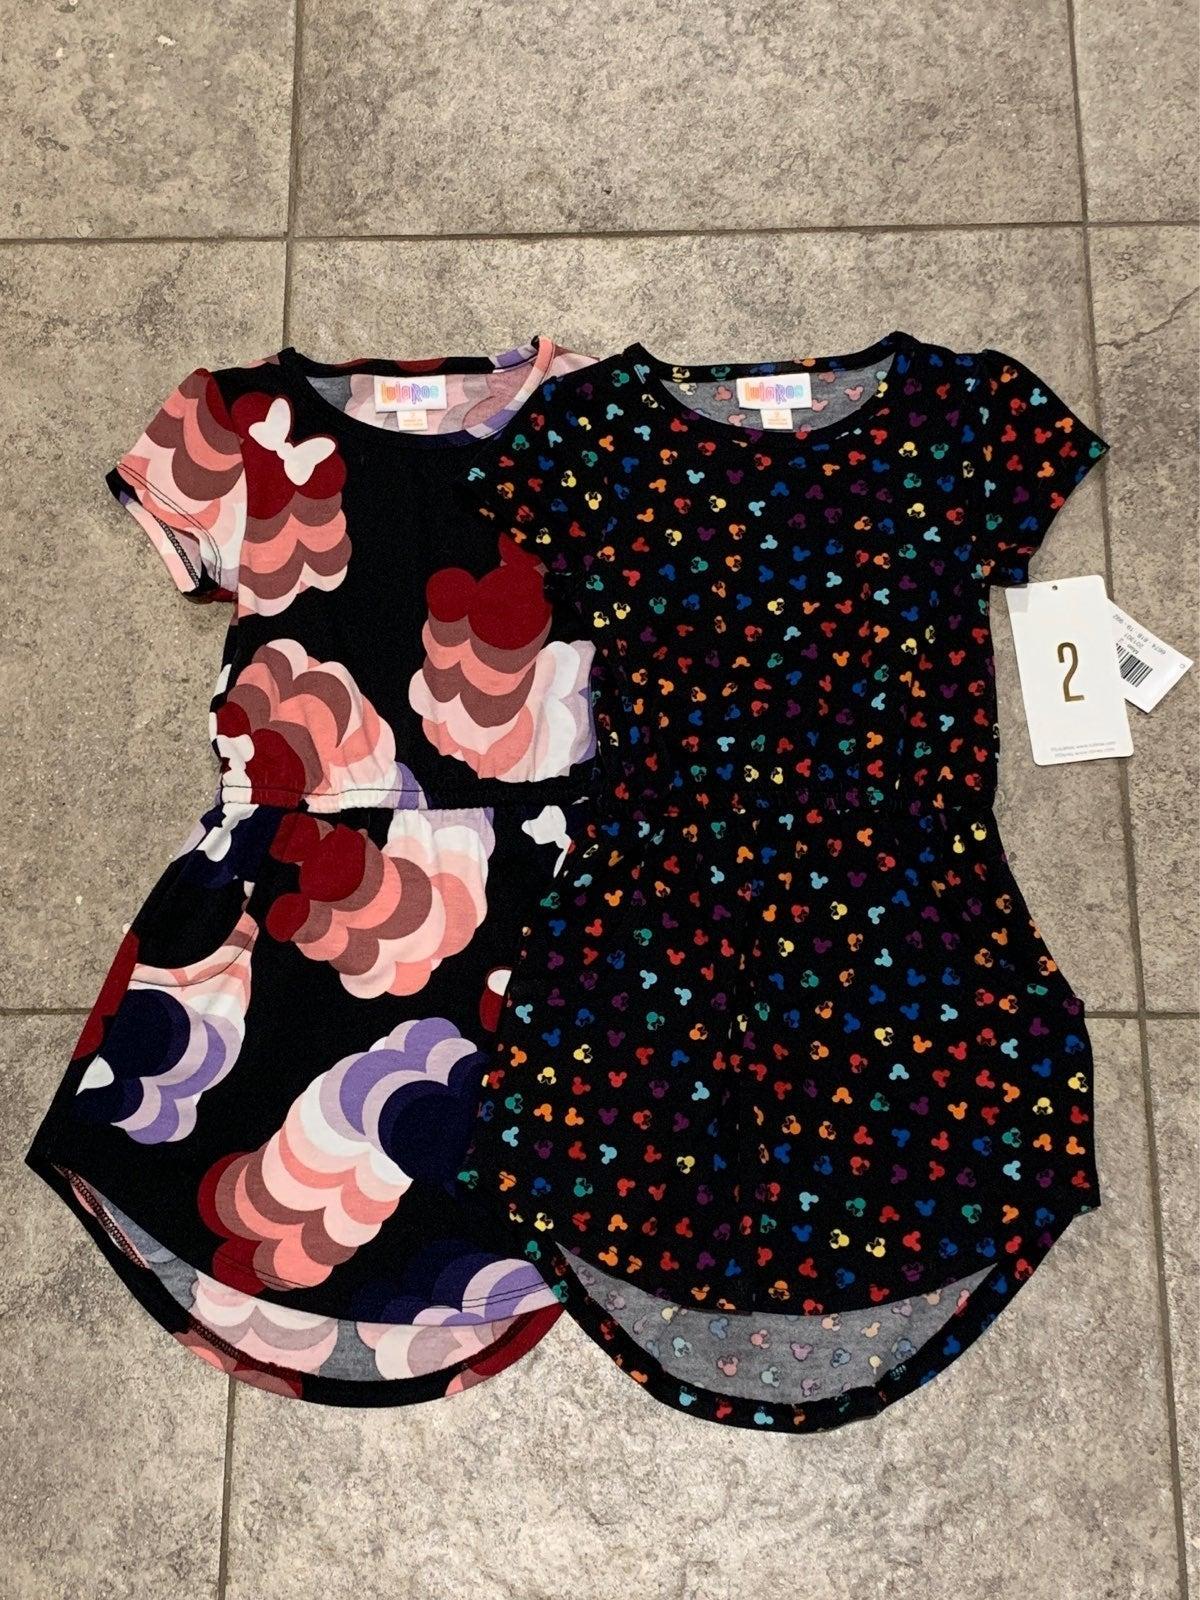 Lularoe Little Girls Dresses